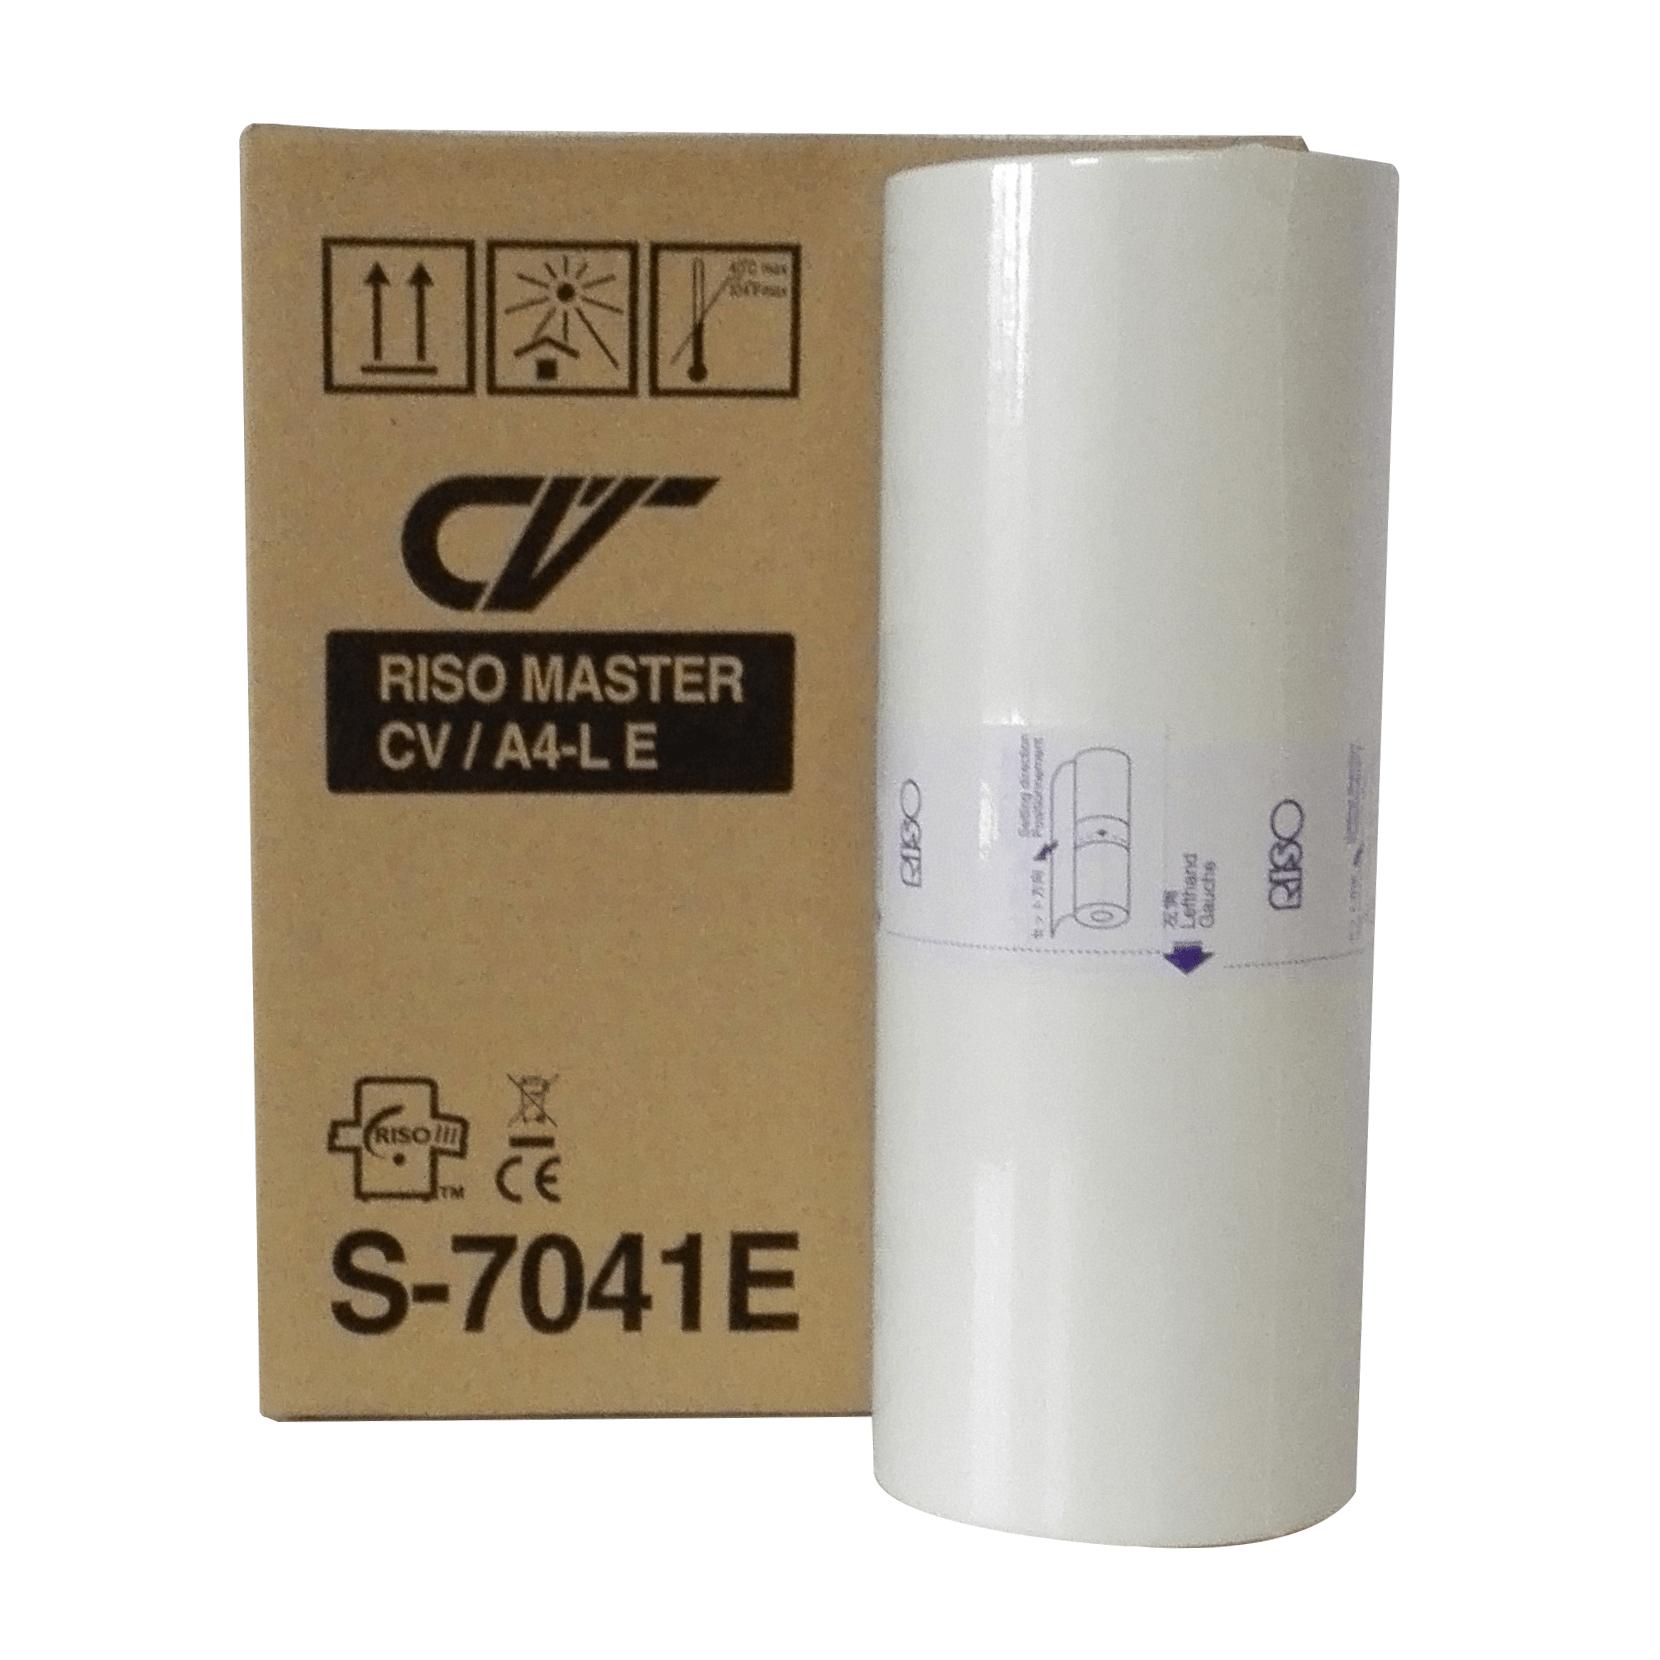 Riso Master CV/A4-L E S-7041E